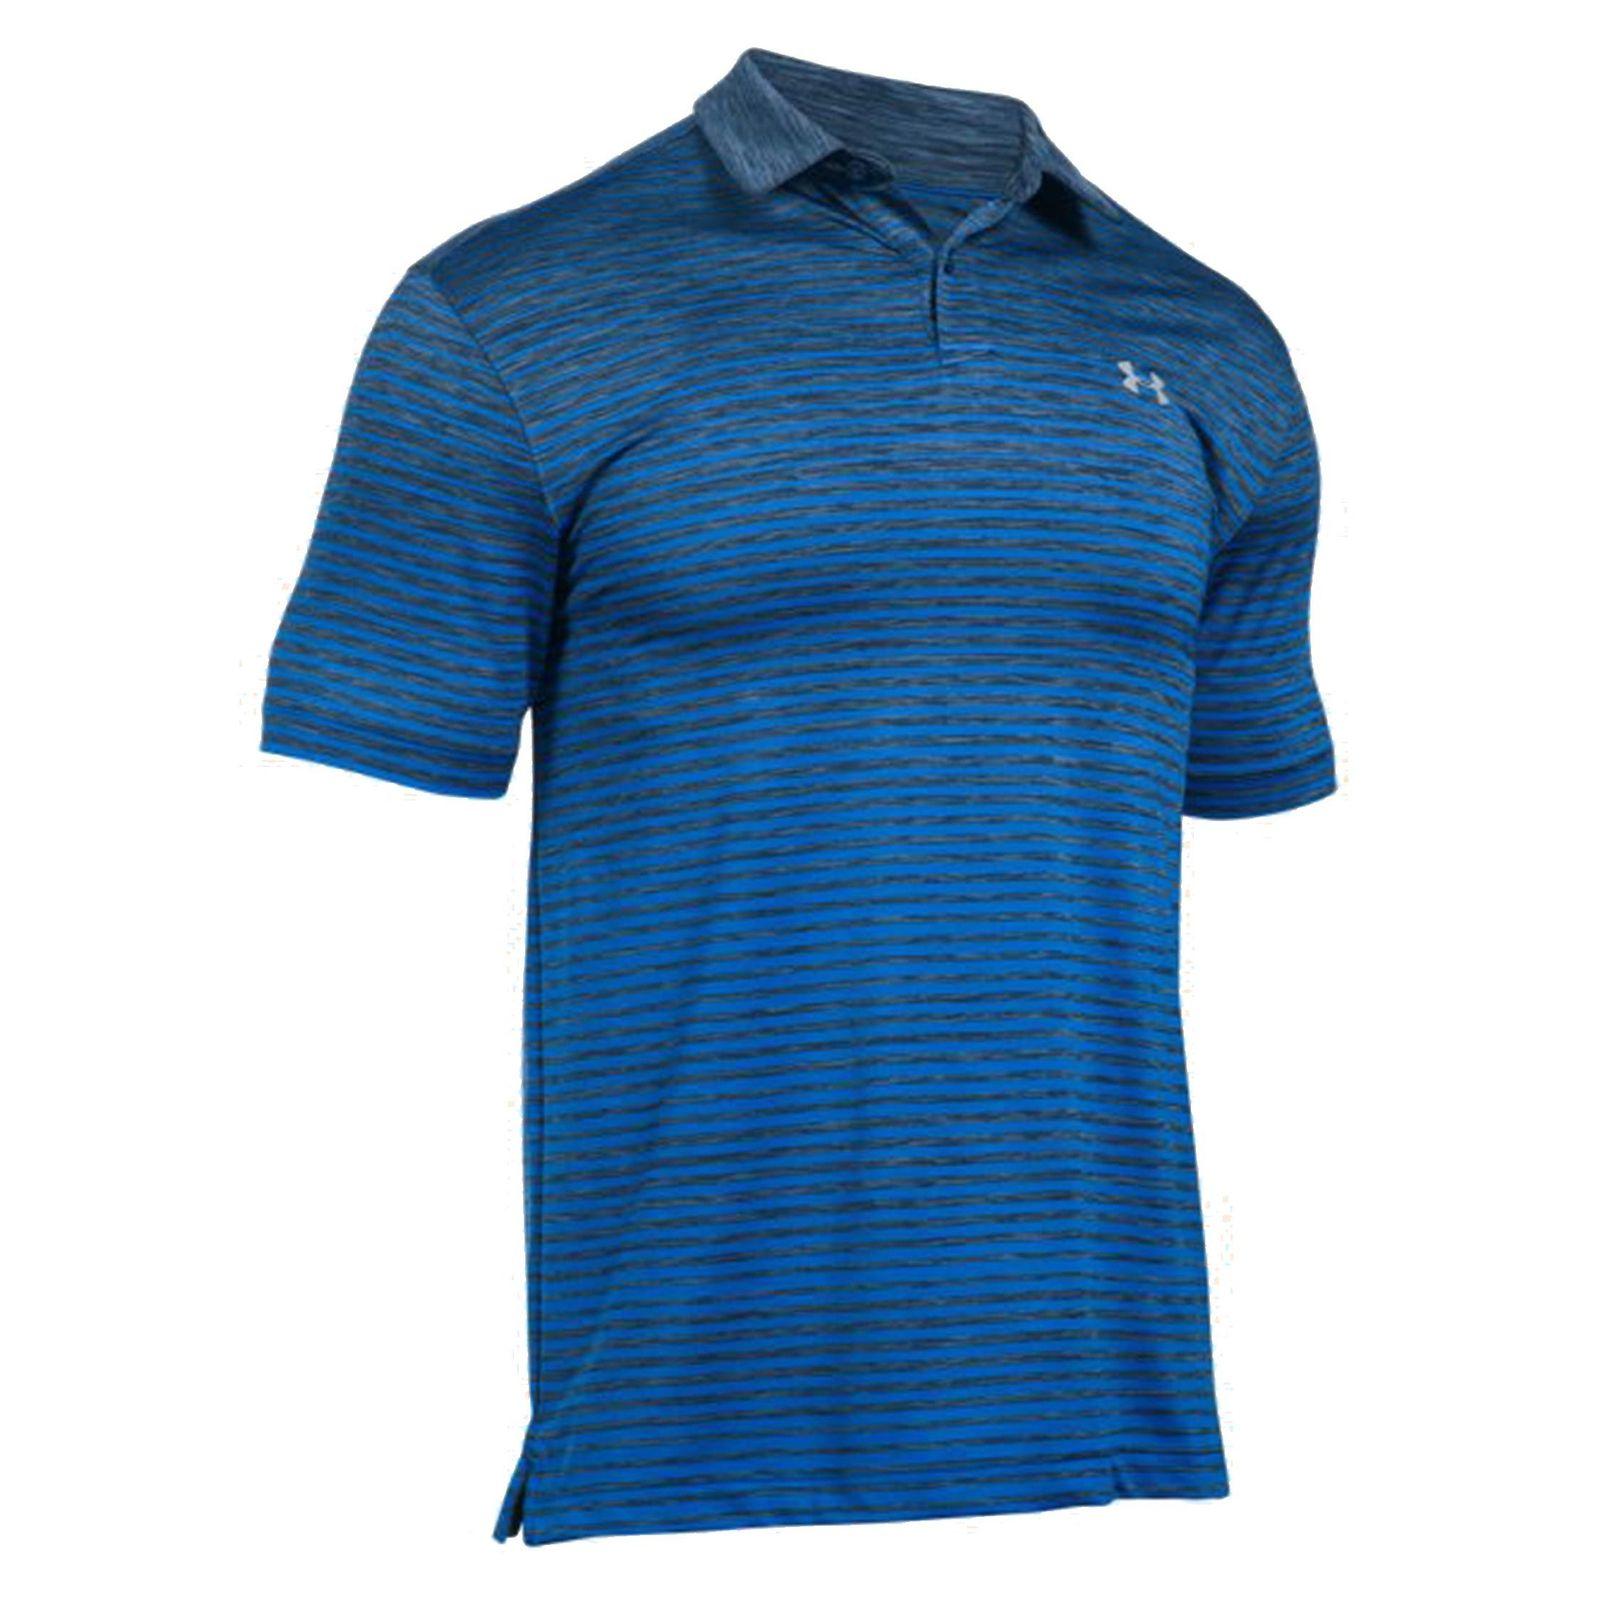 پولوشرت ورزشی آستین کوتاه مردانه - آندر آرمور - آبي - 1